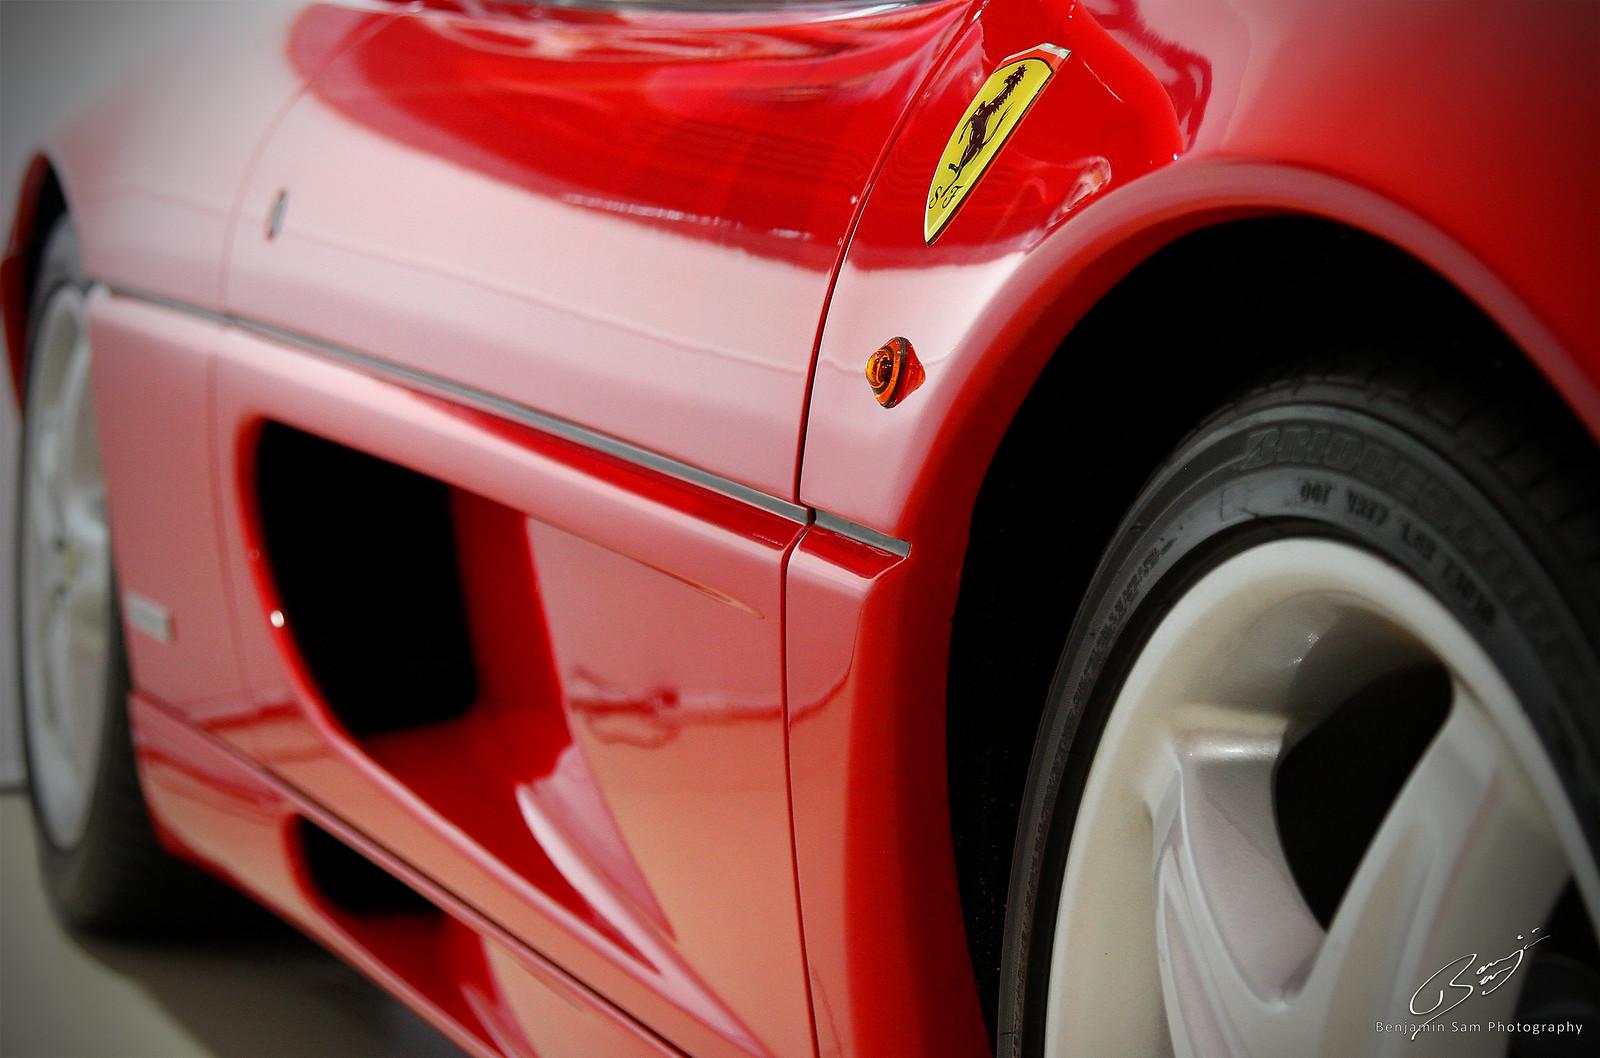 Ferrari F355 LR